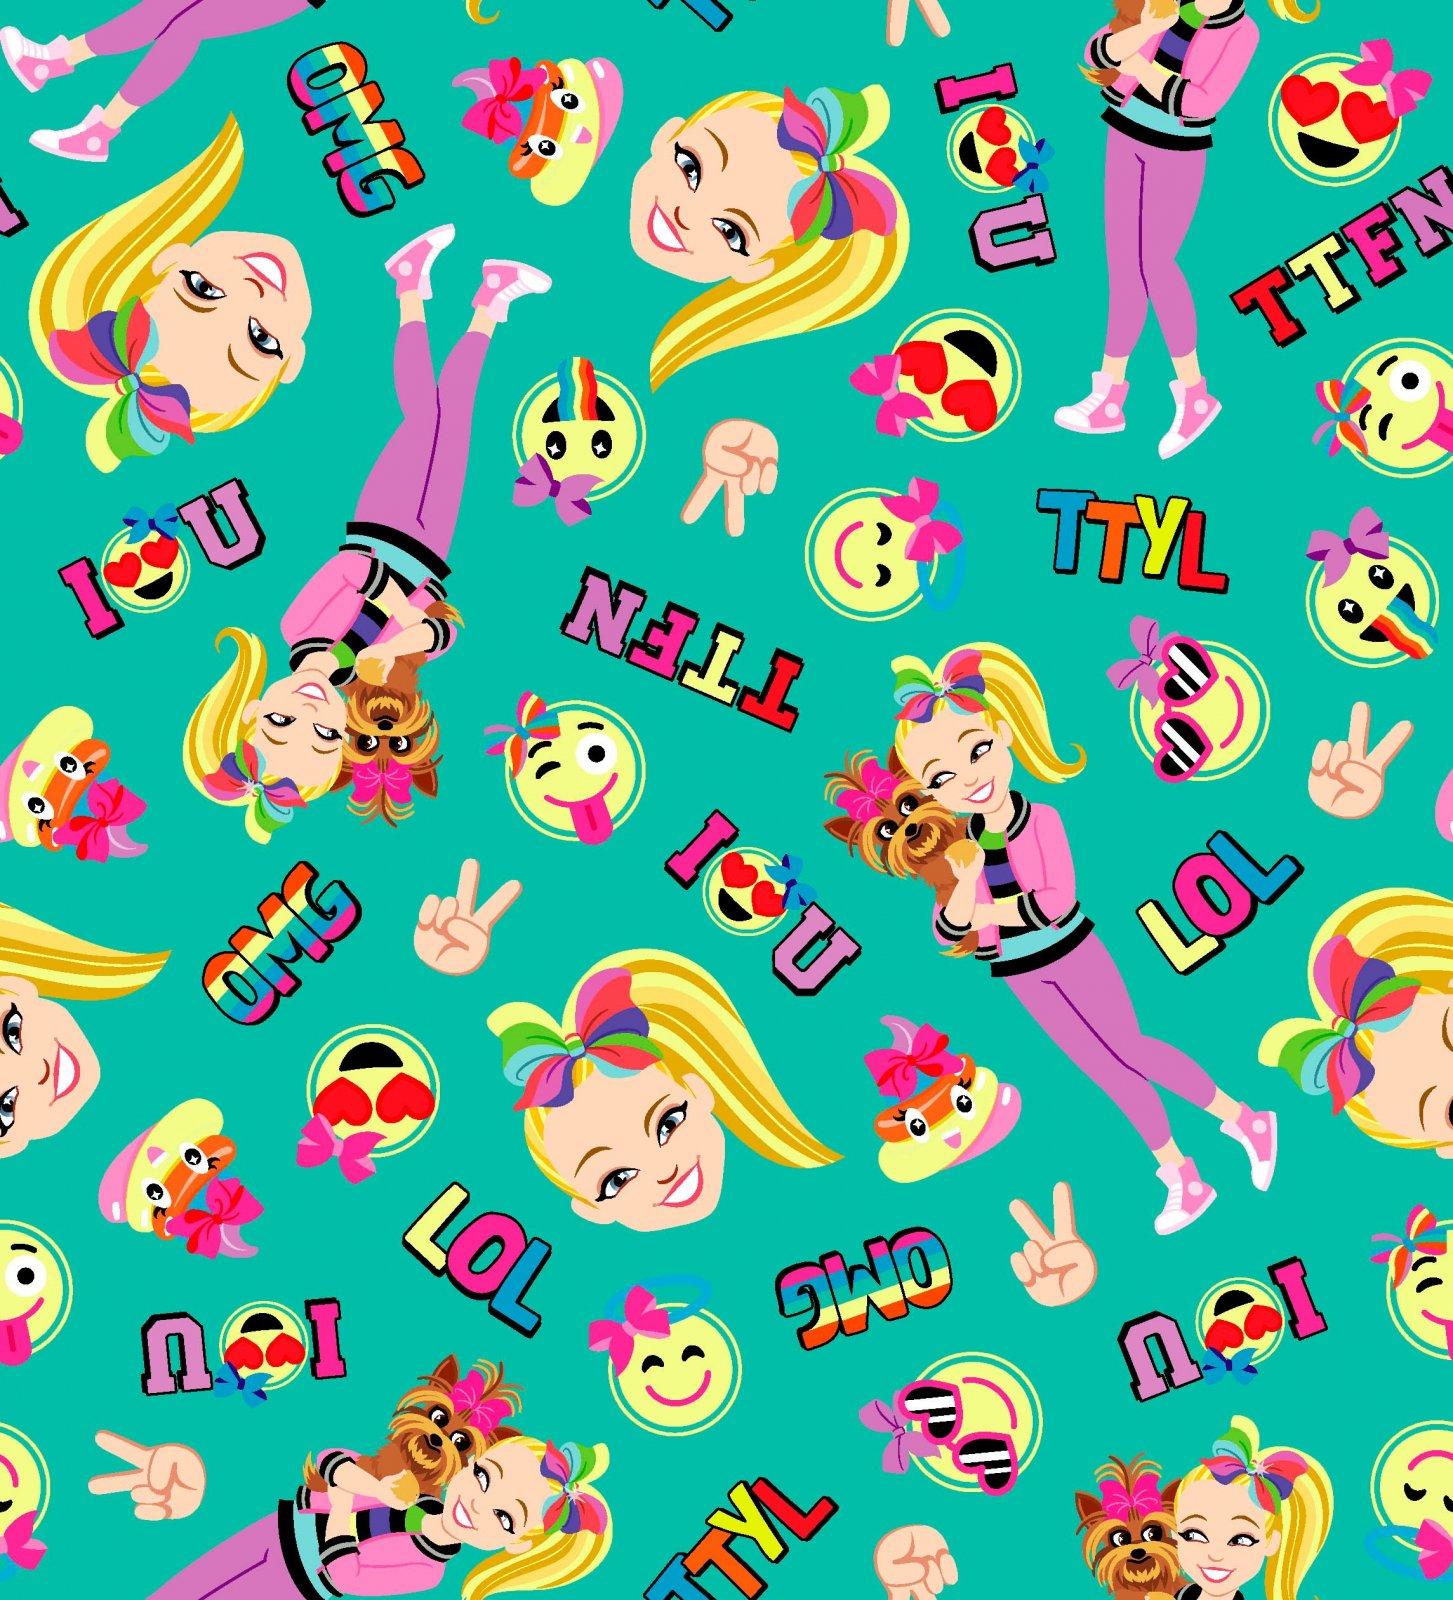 PROMO* SC-Nickelodeon 73306-A620715 JoJo Bow Bow Emoji Friends